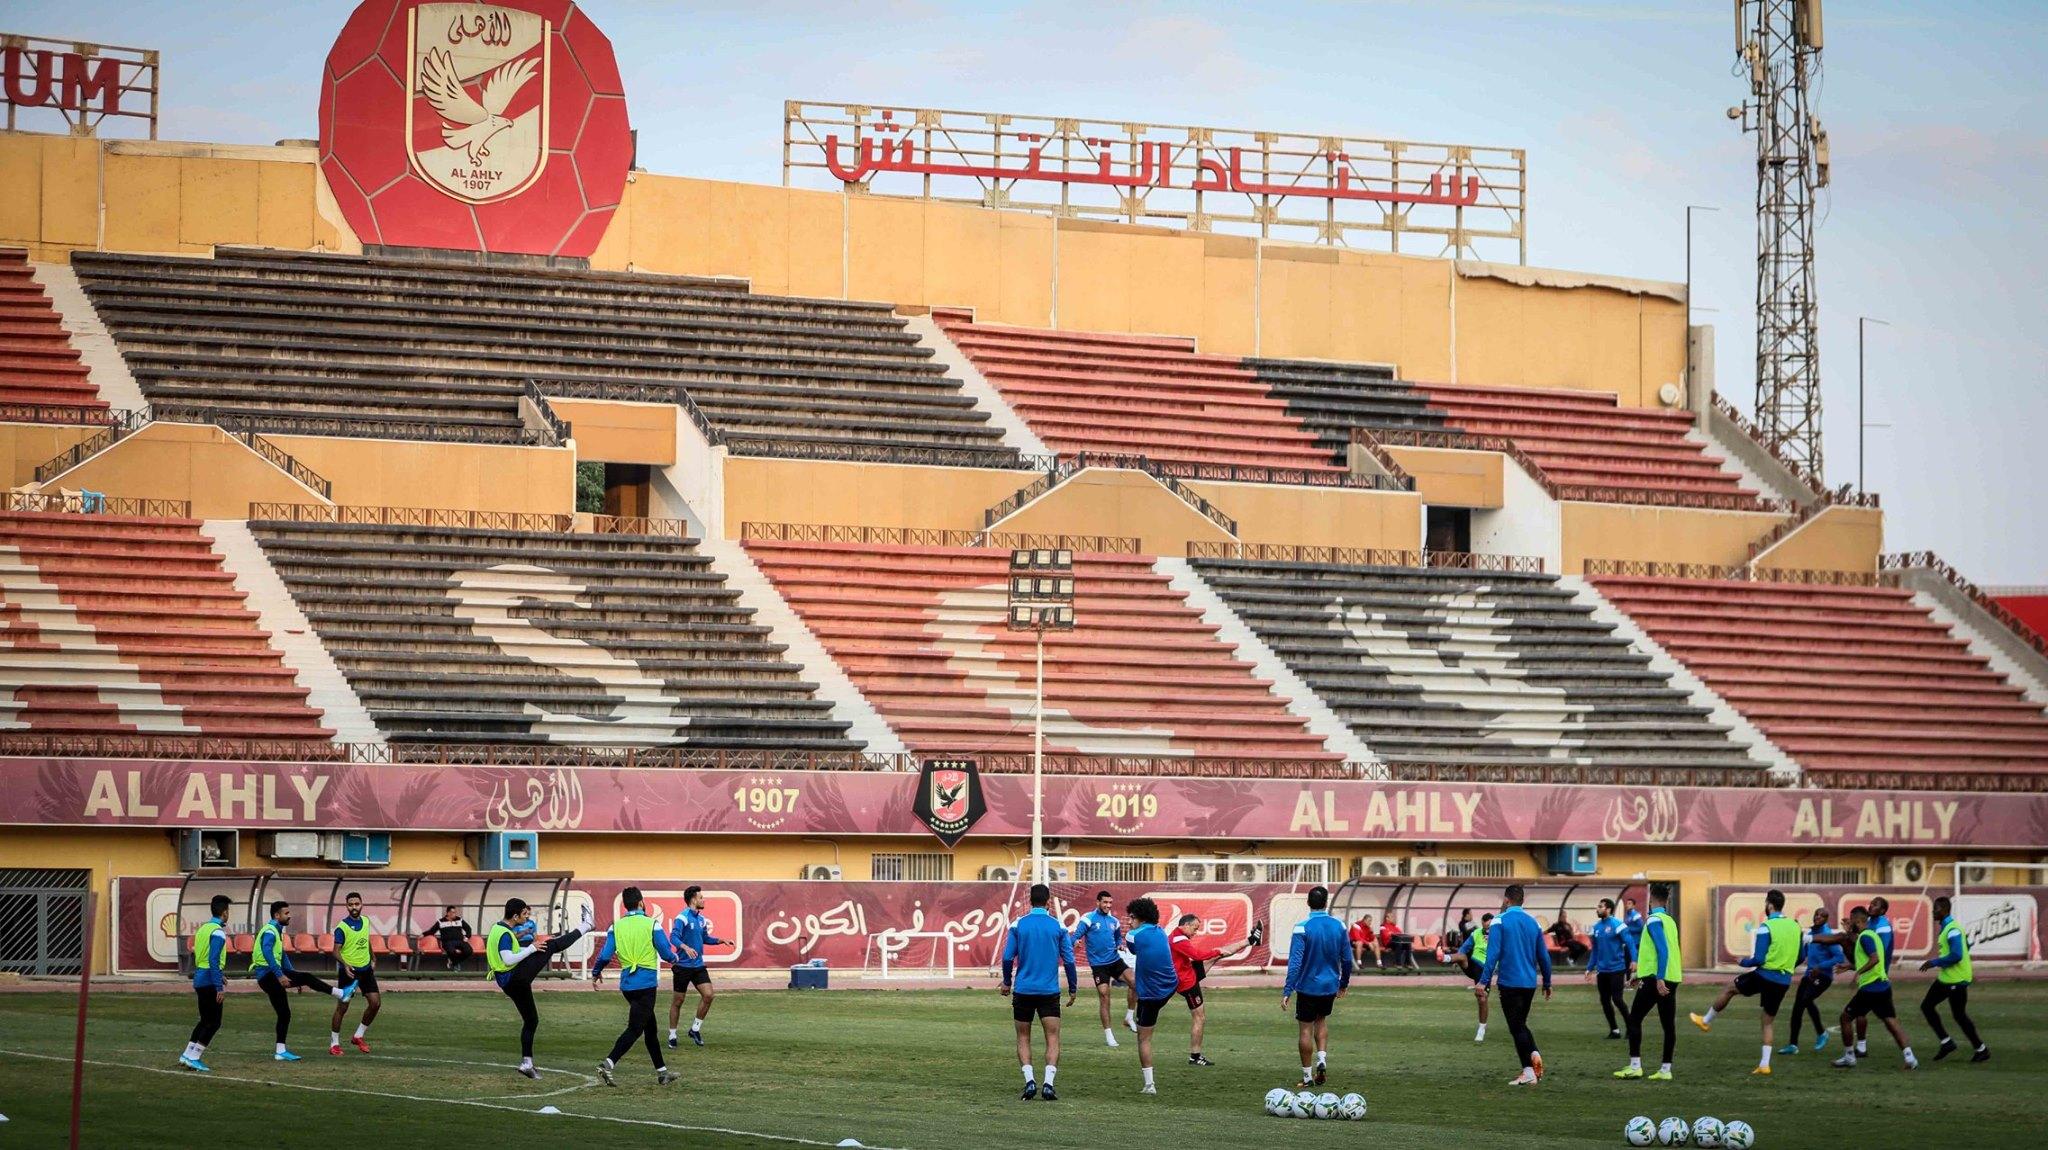 10 وجوه مختلفة للأهلي قبل مواجهة بني سويف في كأس مصر (8)